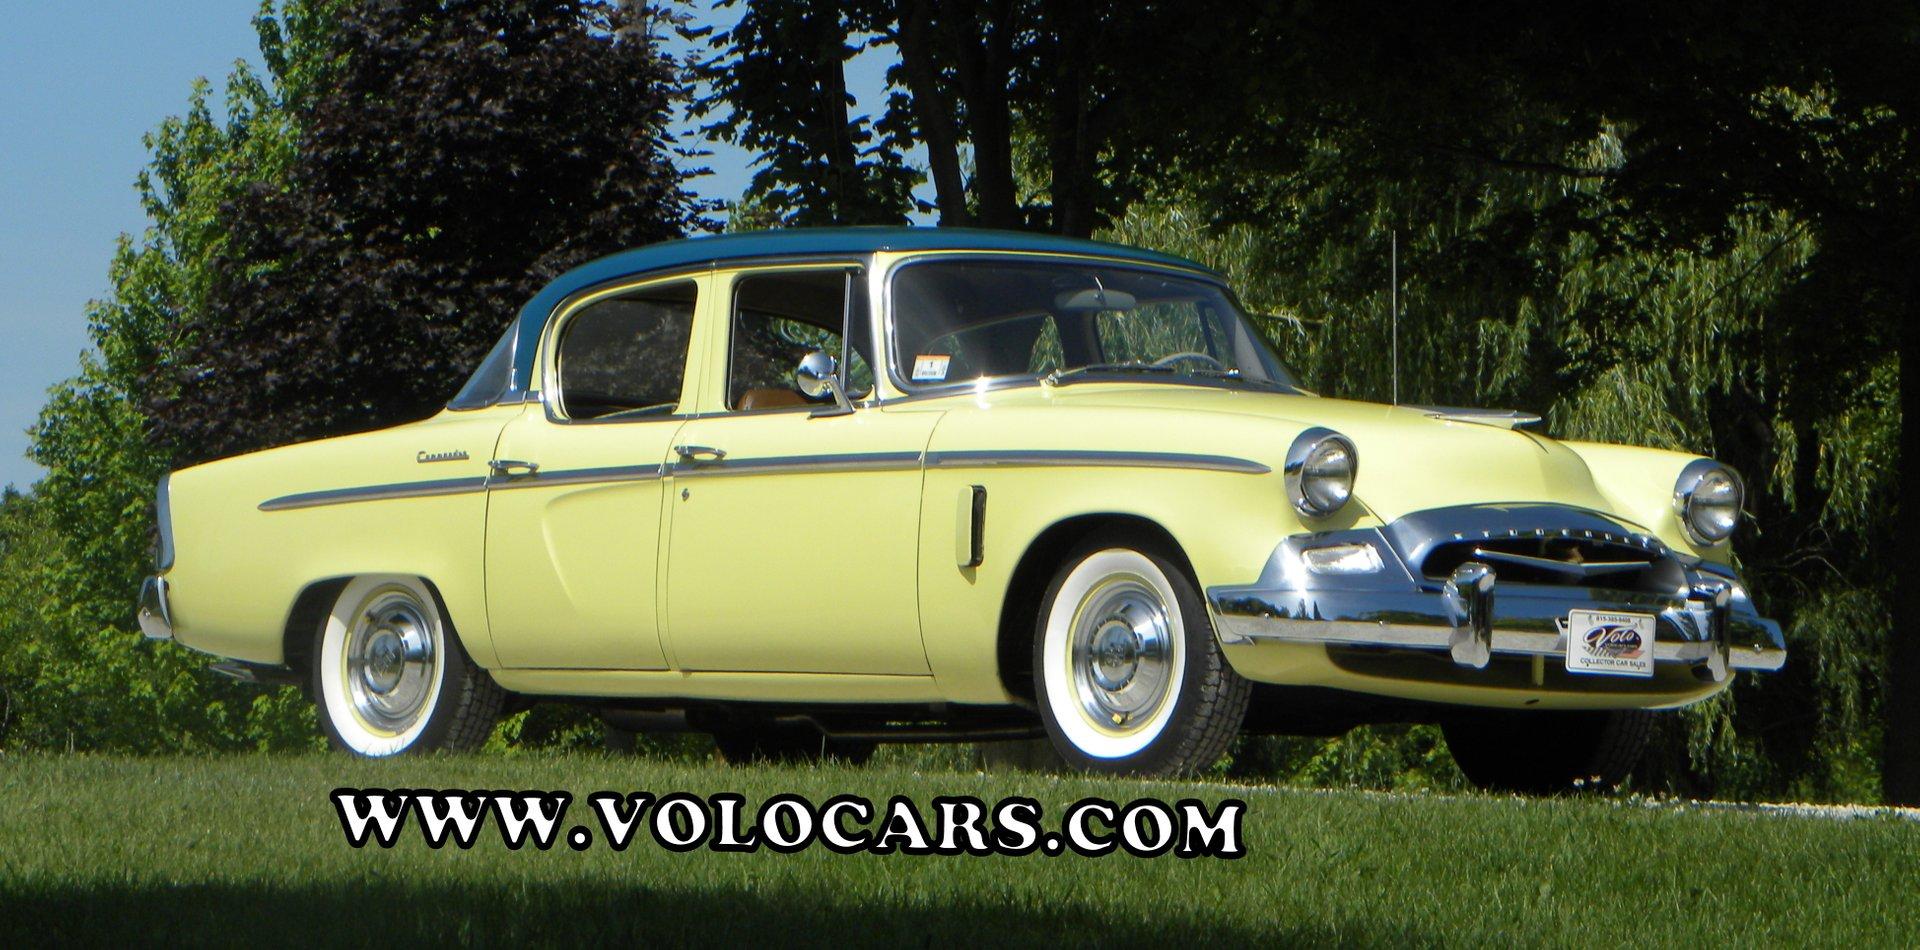 1955 studebaker m16 commander sedan